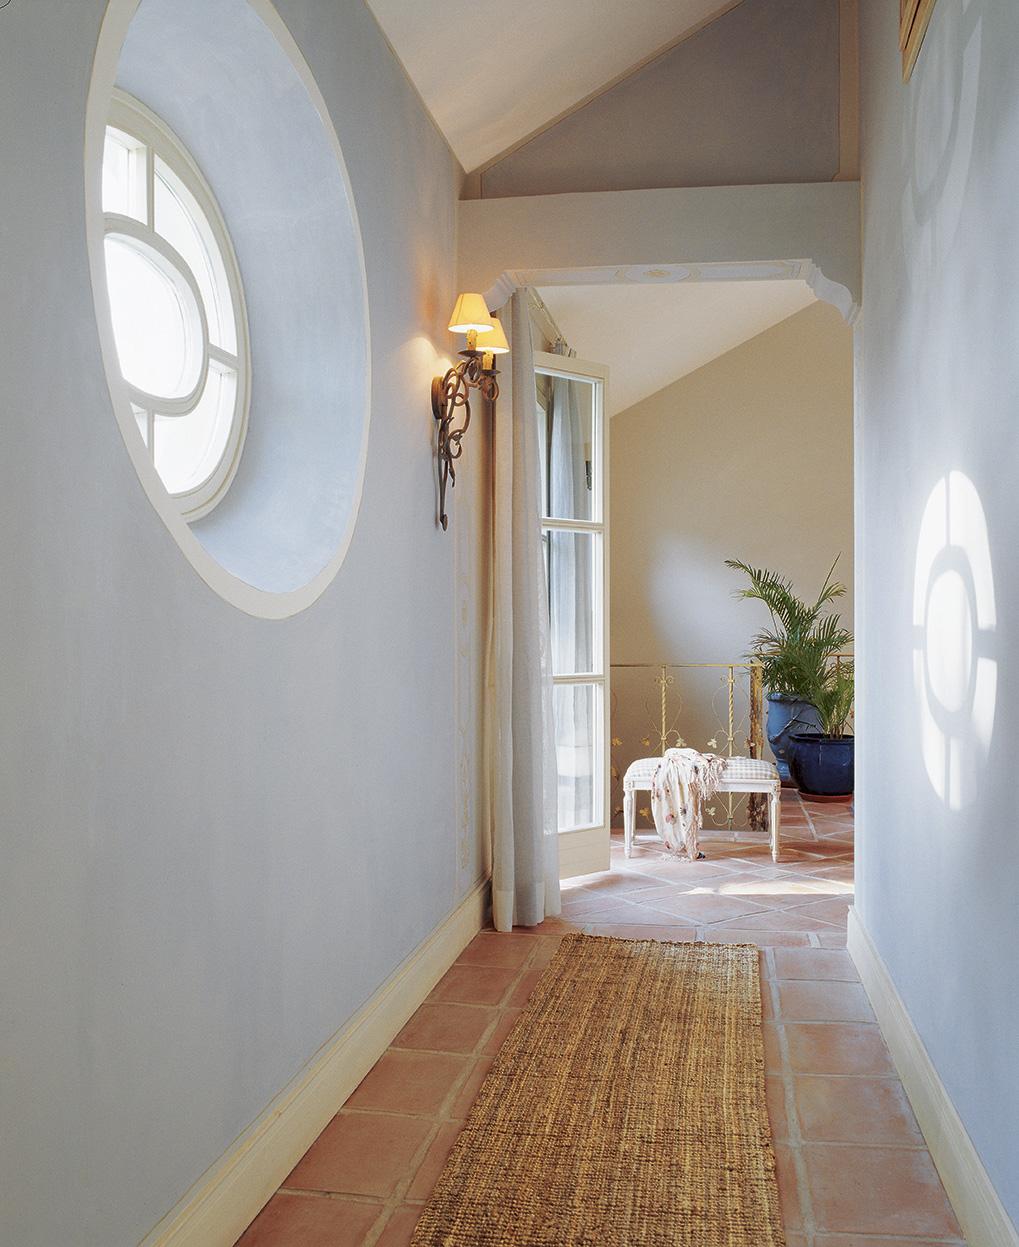 00161250. Pasillo con paredes en azul y una alfombra de mimbre sobre un suelo de baldosas_00161250